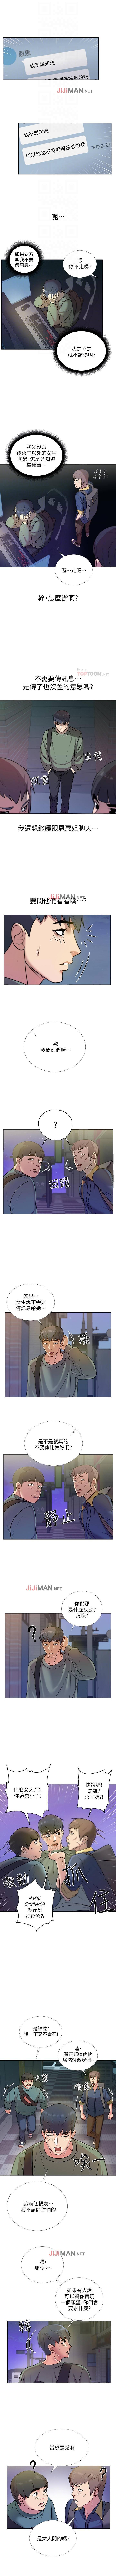 【周三连载】超市的漂亮姐姐(作者:北鼻&逃兵) 第1~40话 51